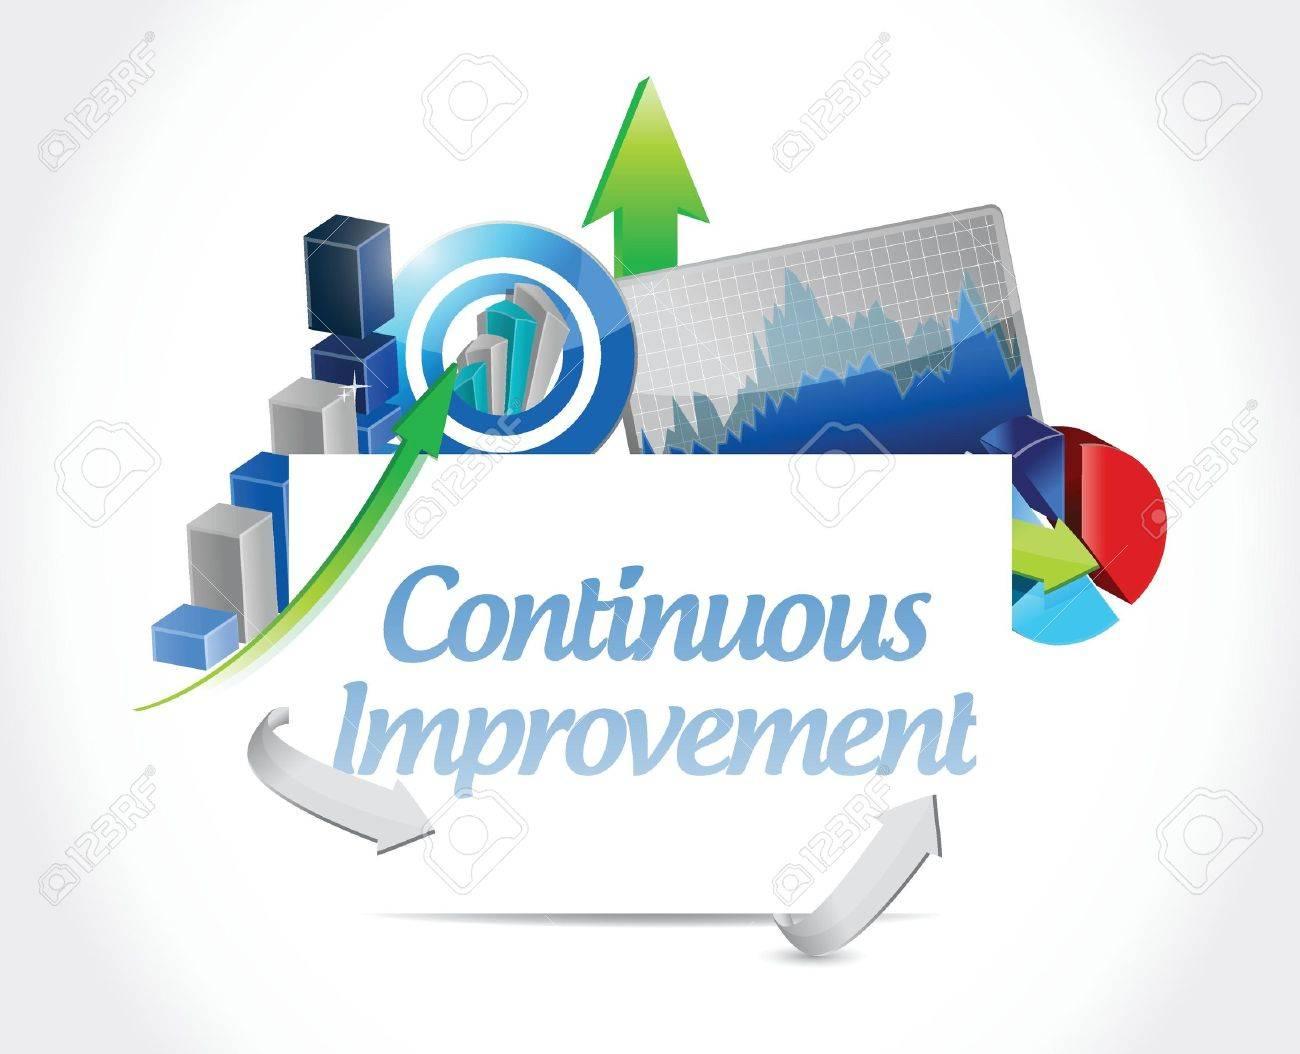 Continuous Improvement Business Sign Concept Illustration Design 1300x1054